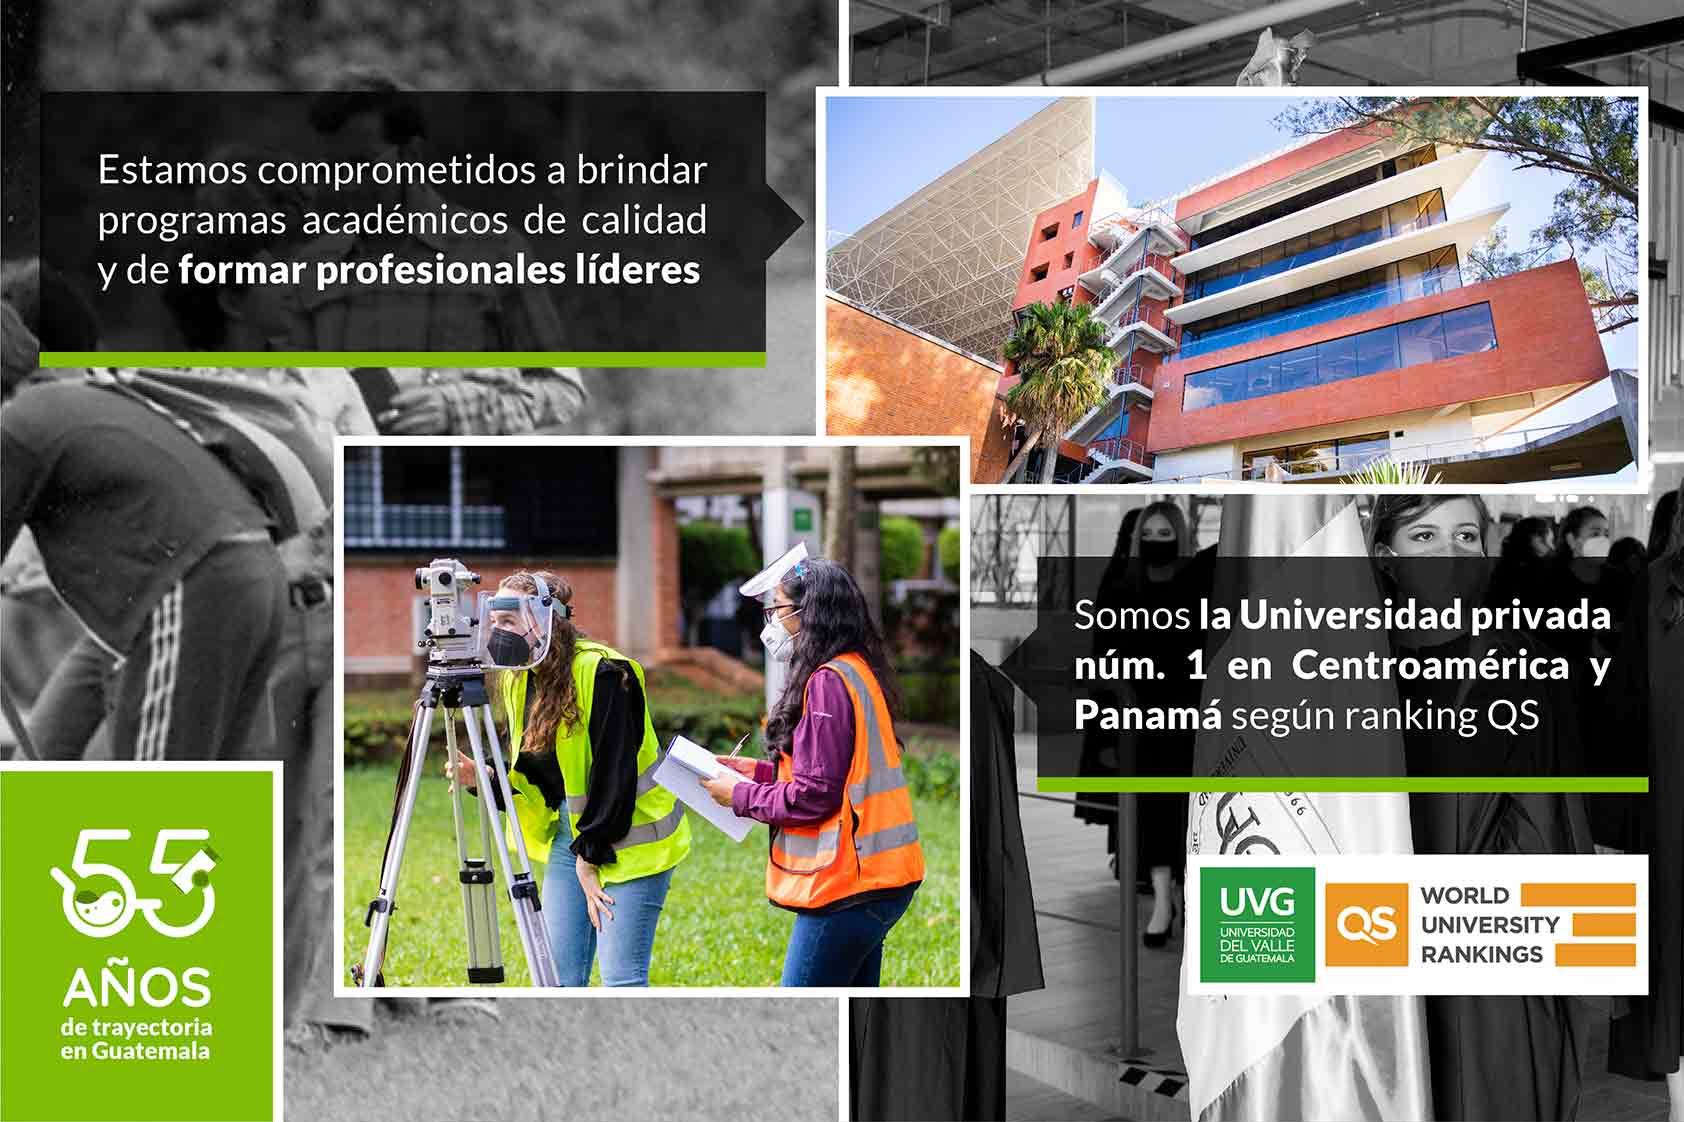 Por tercer año, somos la universidad privada nro. 1 en Centroamérica y Panamá